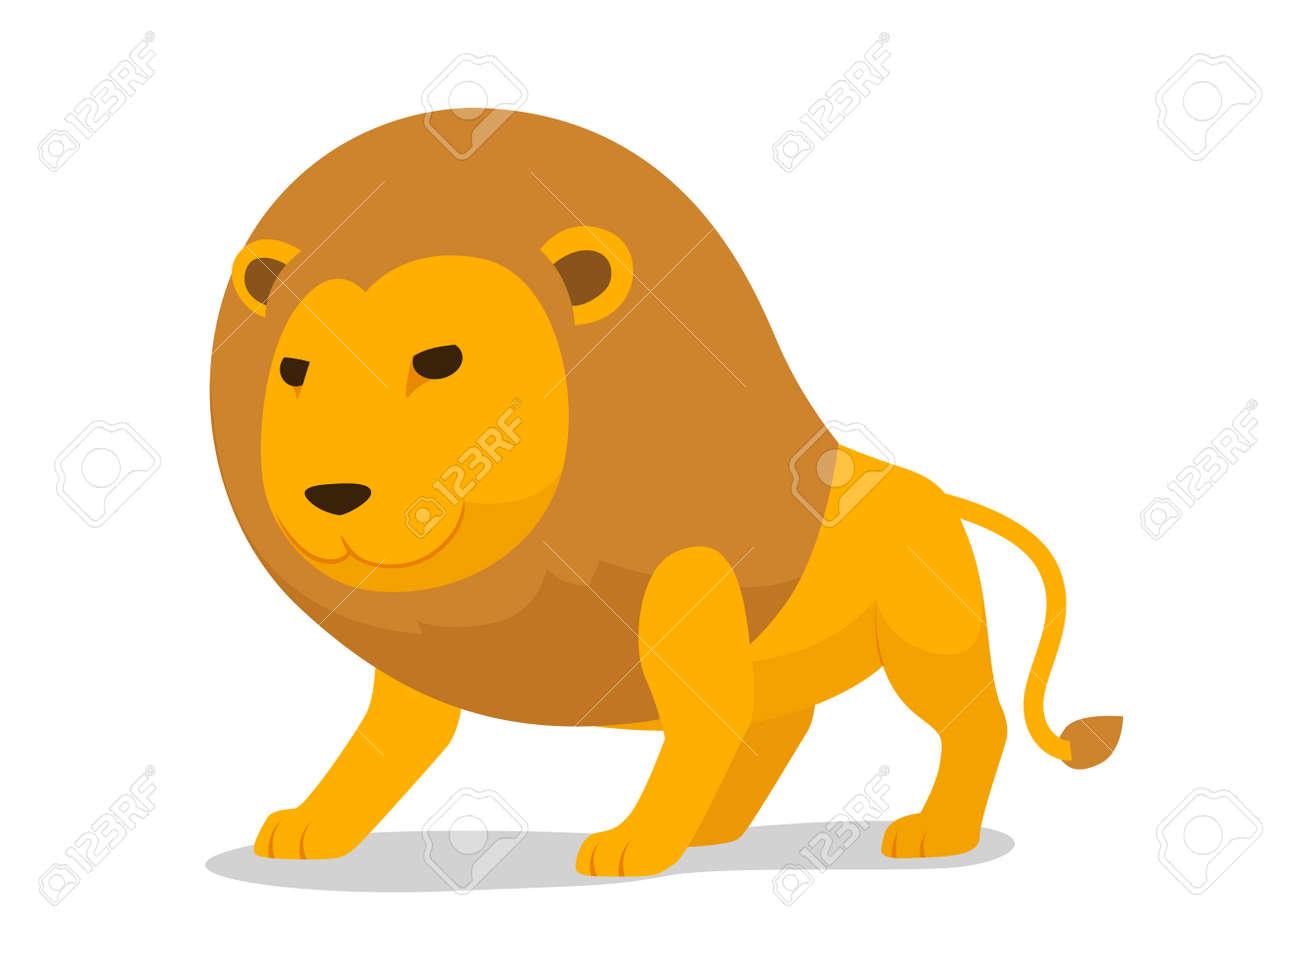 ライオンは、ミニマルなベクトル イラストを漫画します。漫画の動物